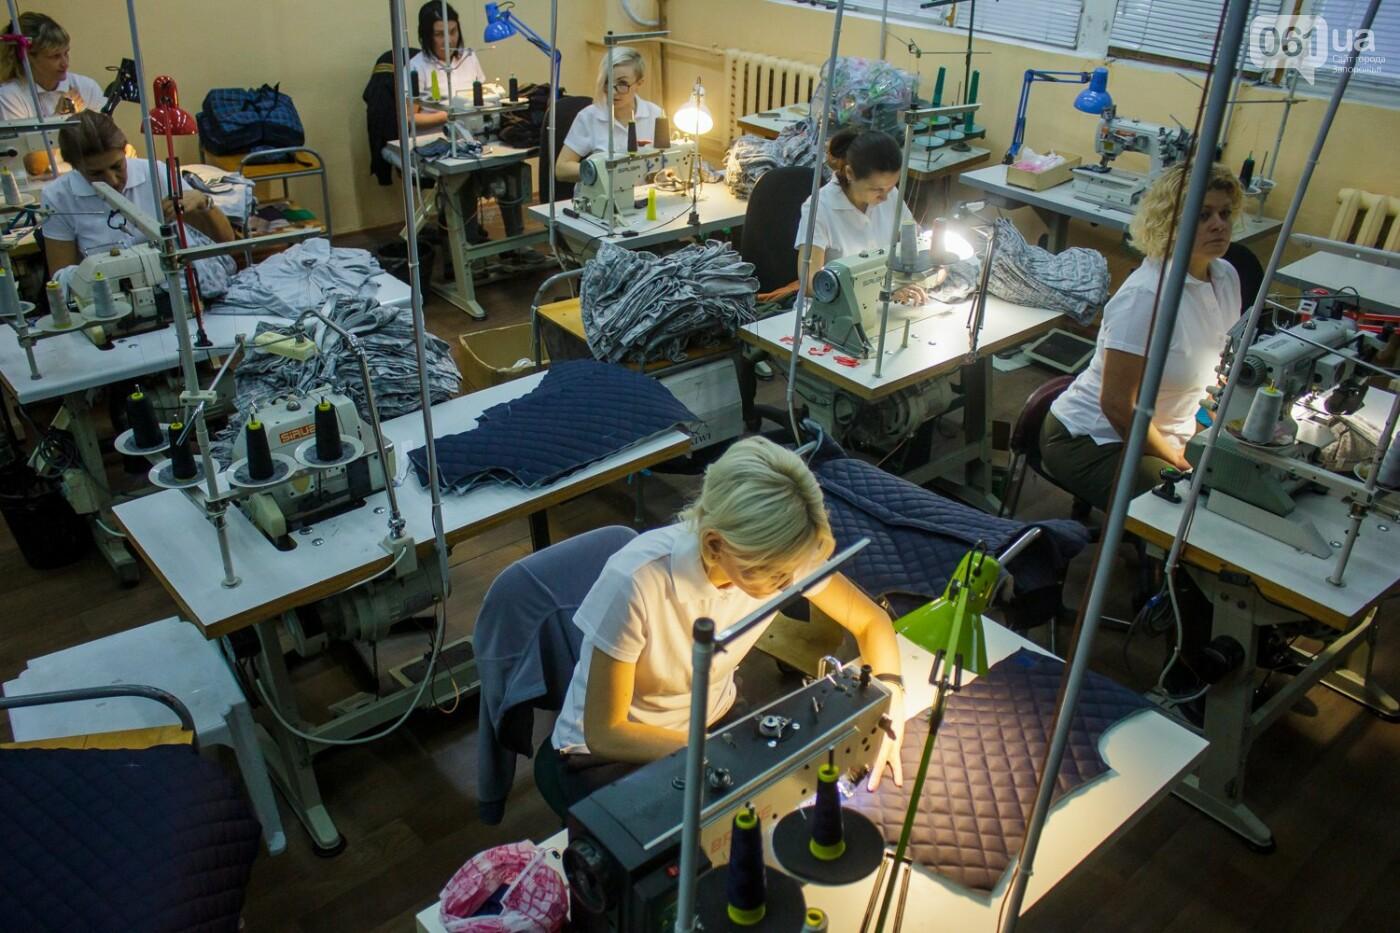 Как в Запорожье шьют мужское белье: экскурсия на трикотажную фабрику, – ФОТОРЕПОРТАЖ, фото-2